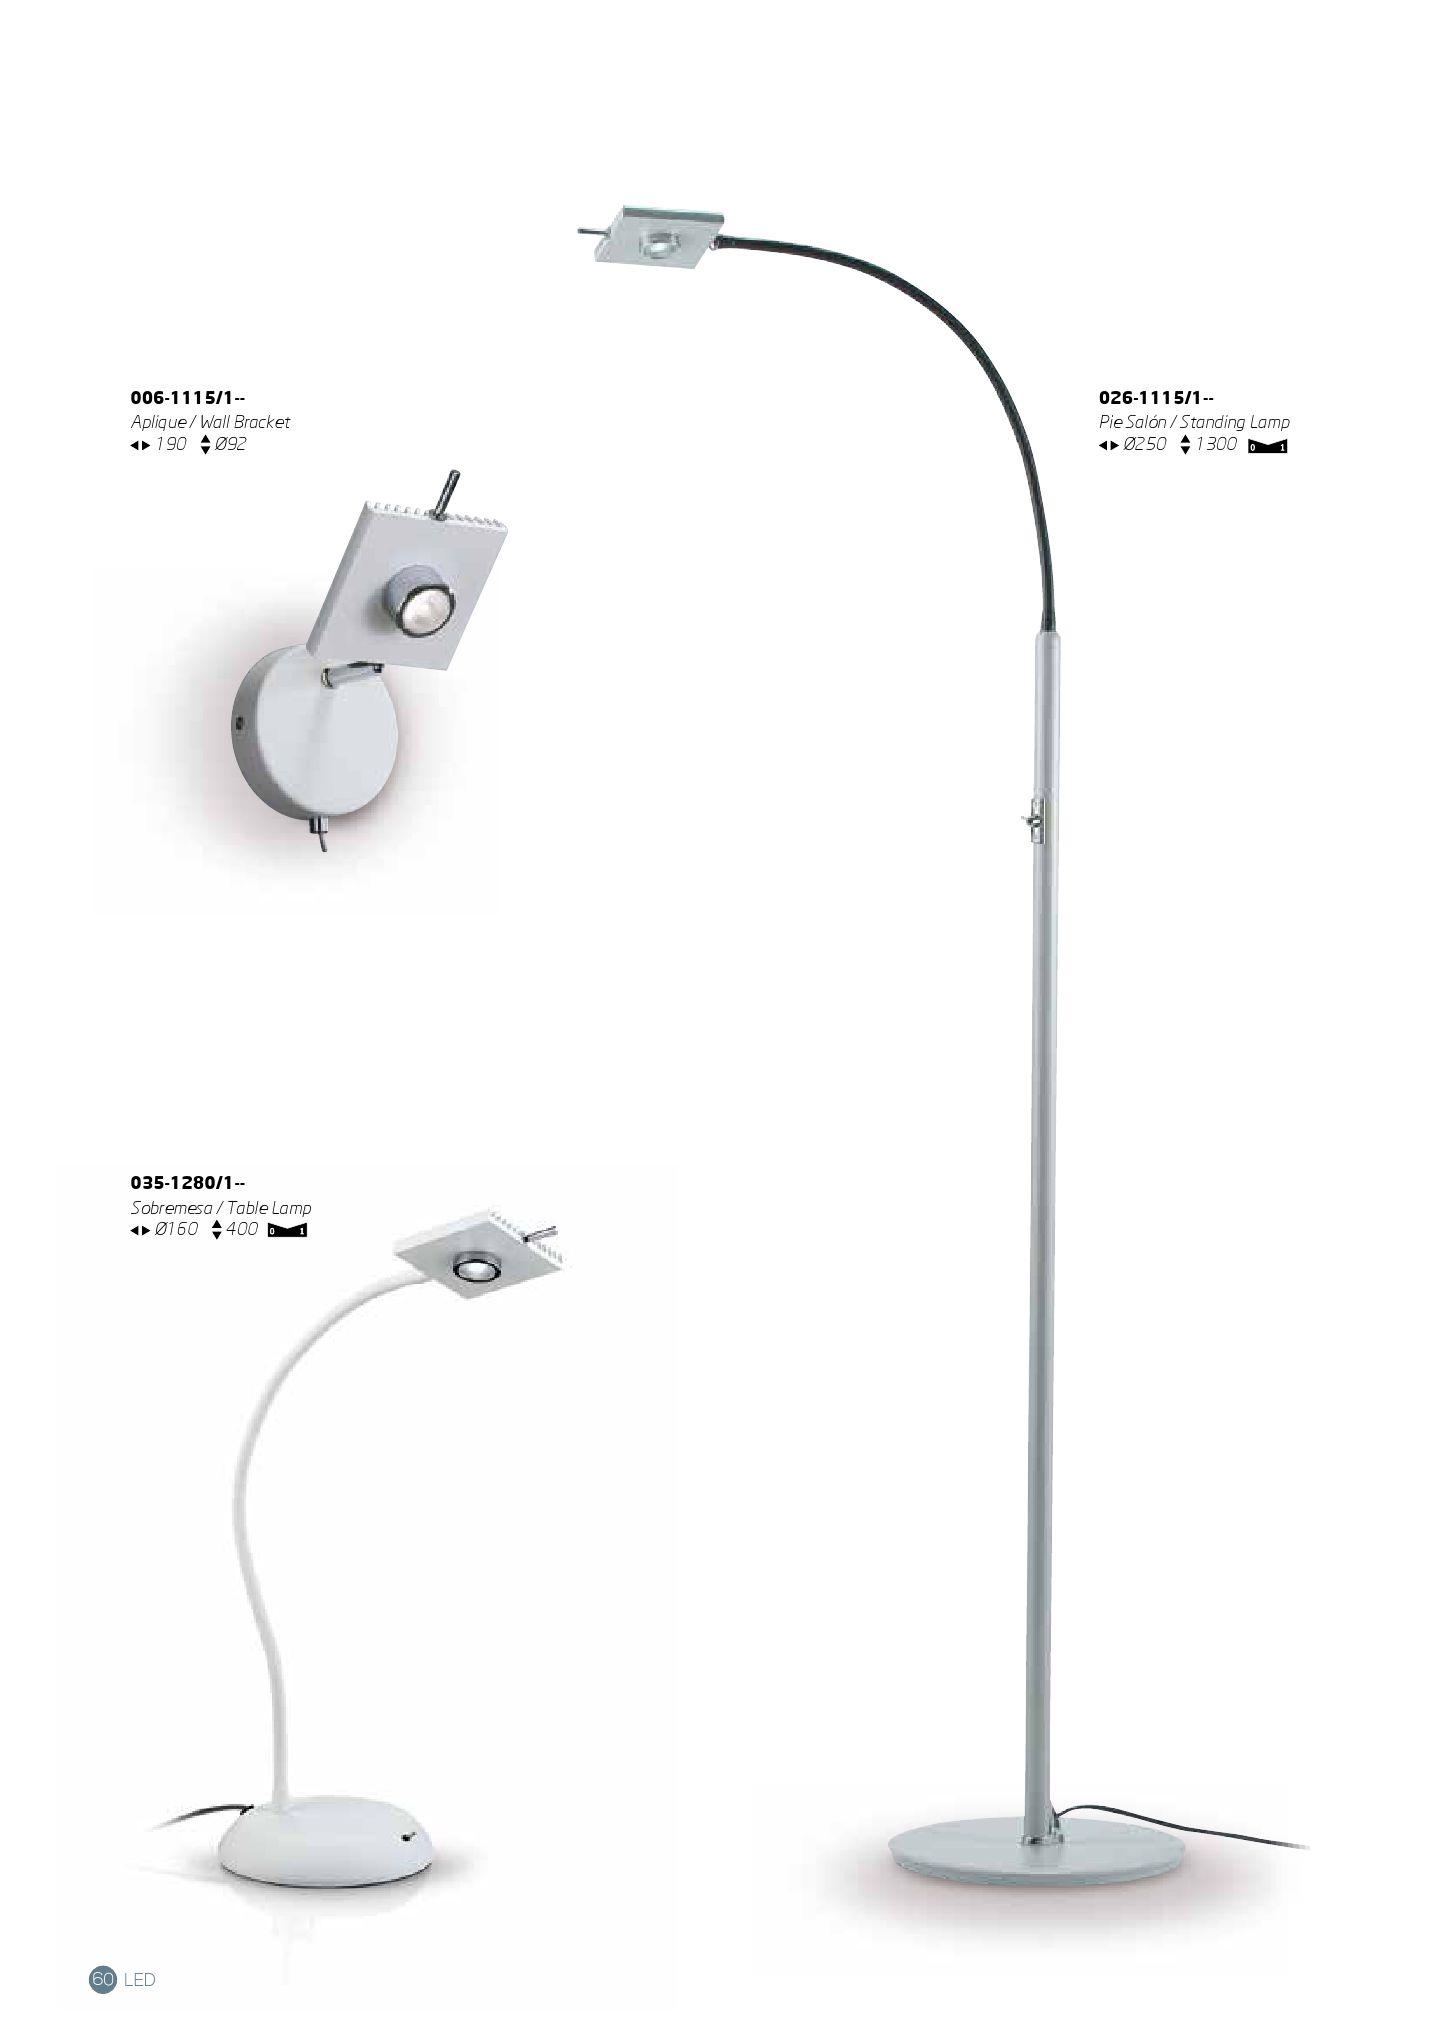 Rogu Rotula Gala Wall Lamp 1 Light White 006 1115 1 080